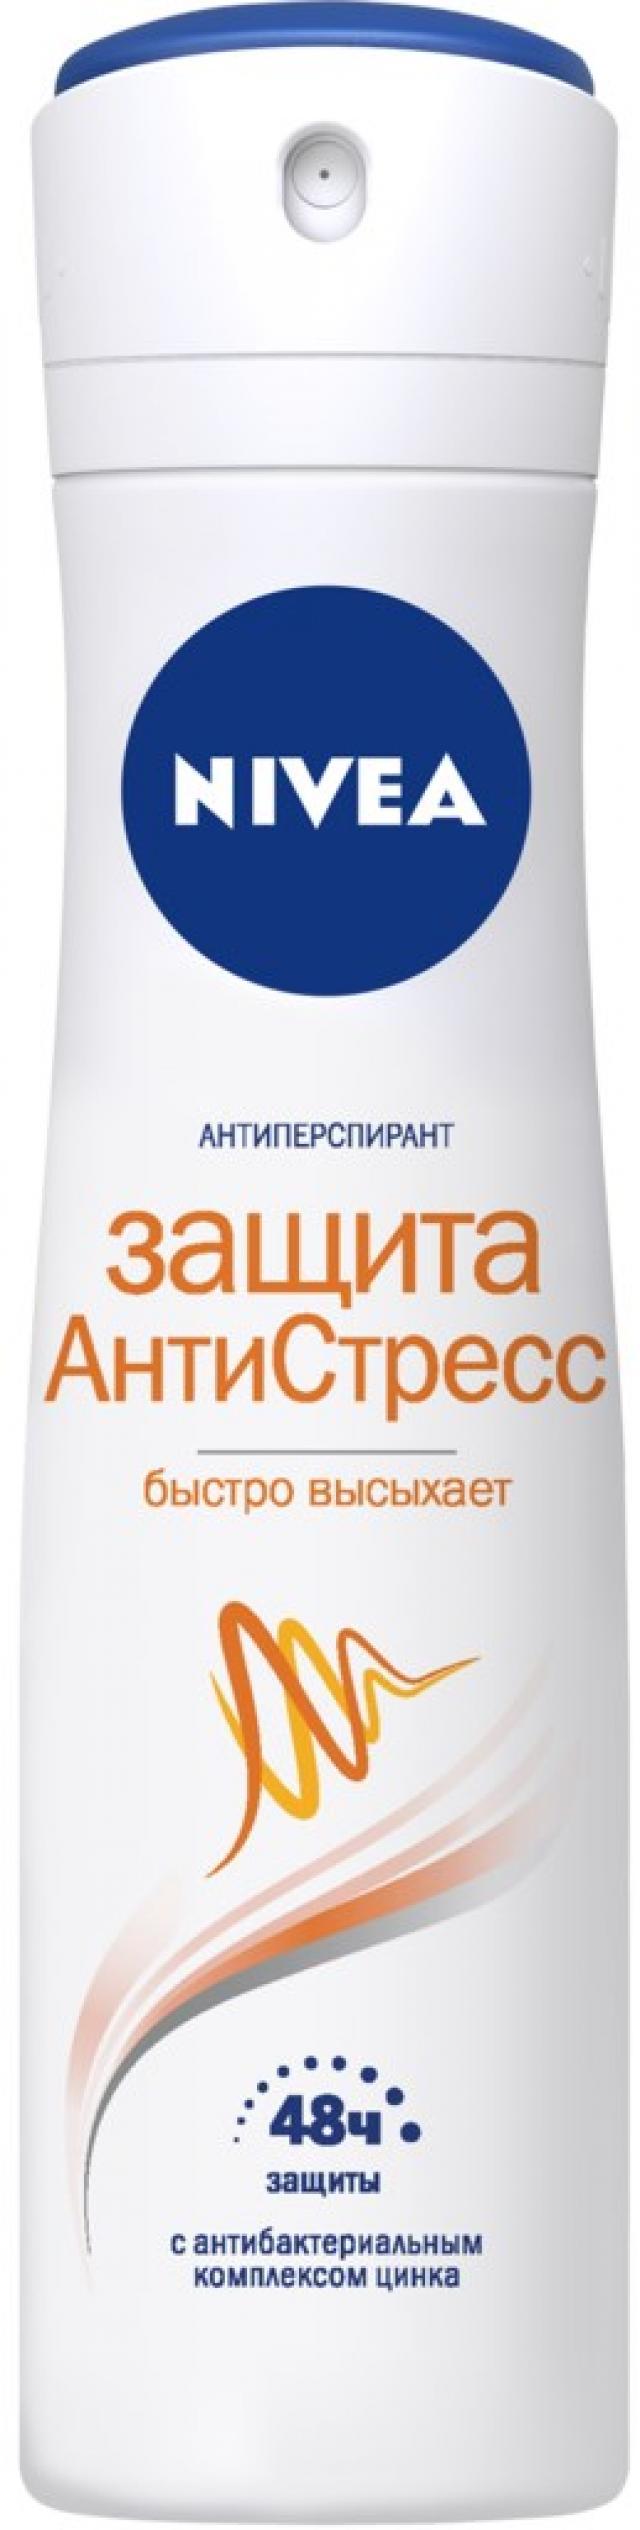 Нивея дезодорант-спрей Защита АнтиСтресс 150мл 82256 купить в Москве по цене от 0 рублей